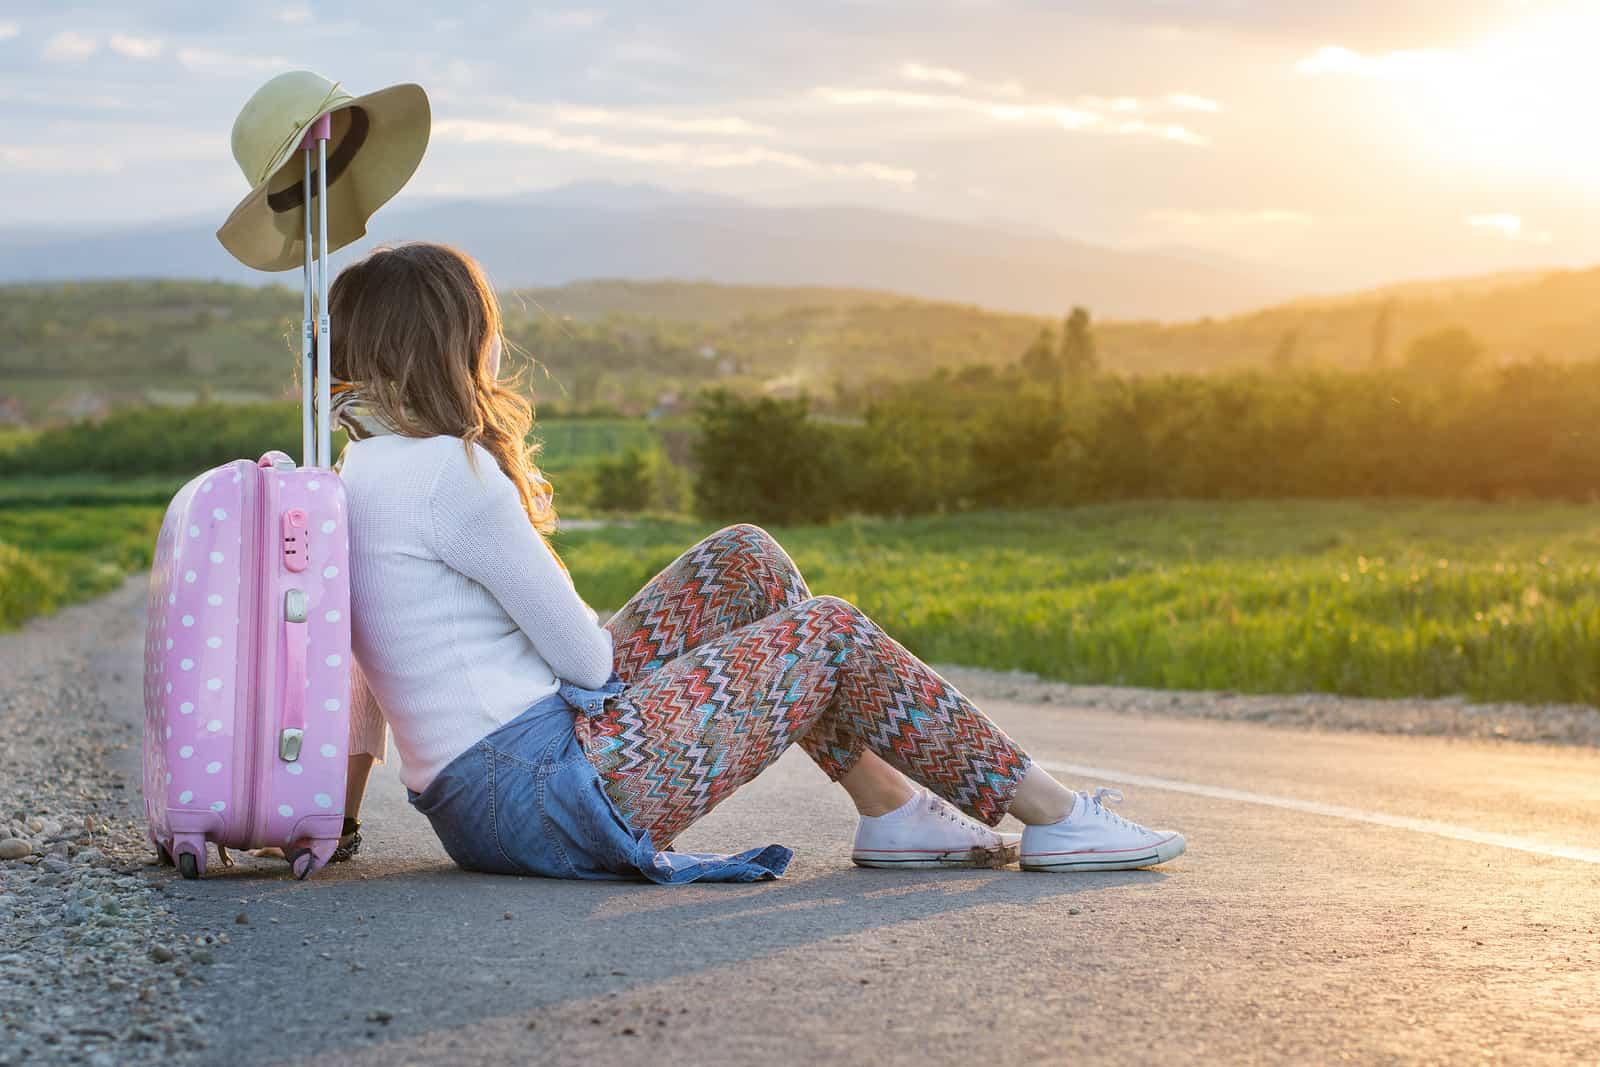 viajar sola y segura